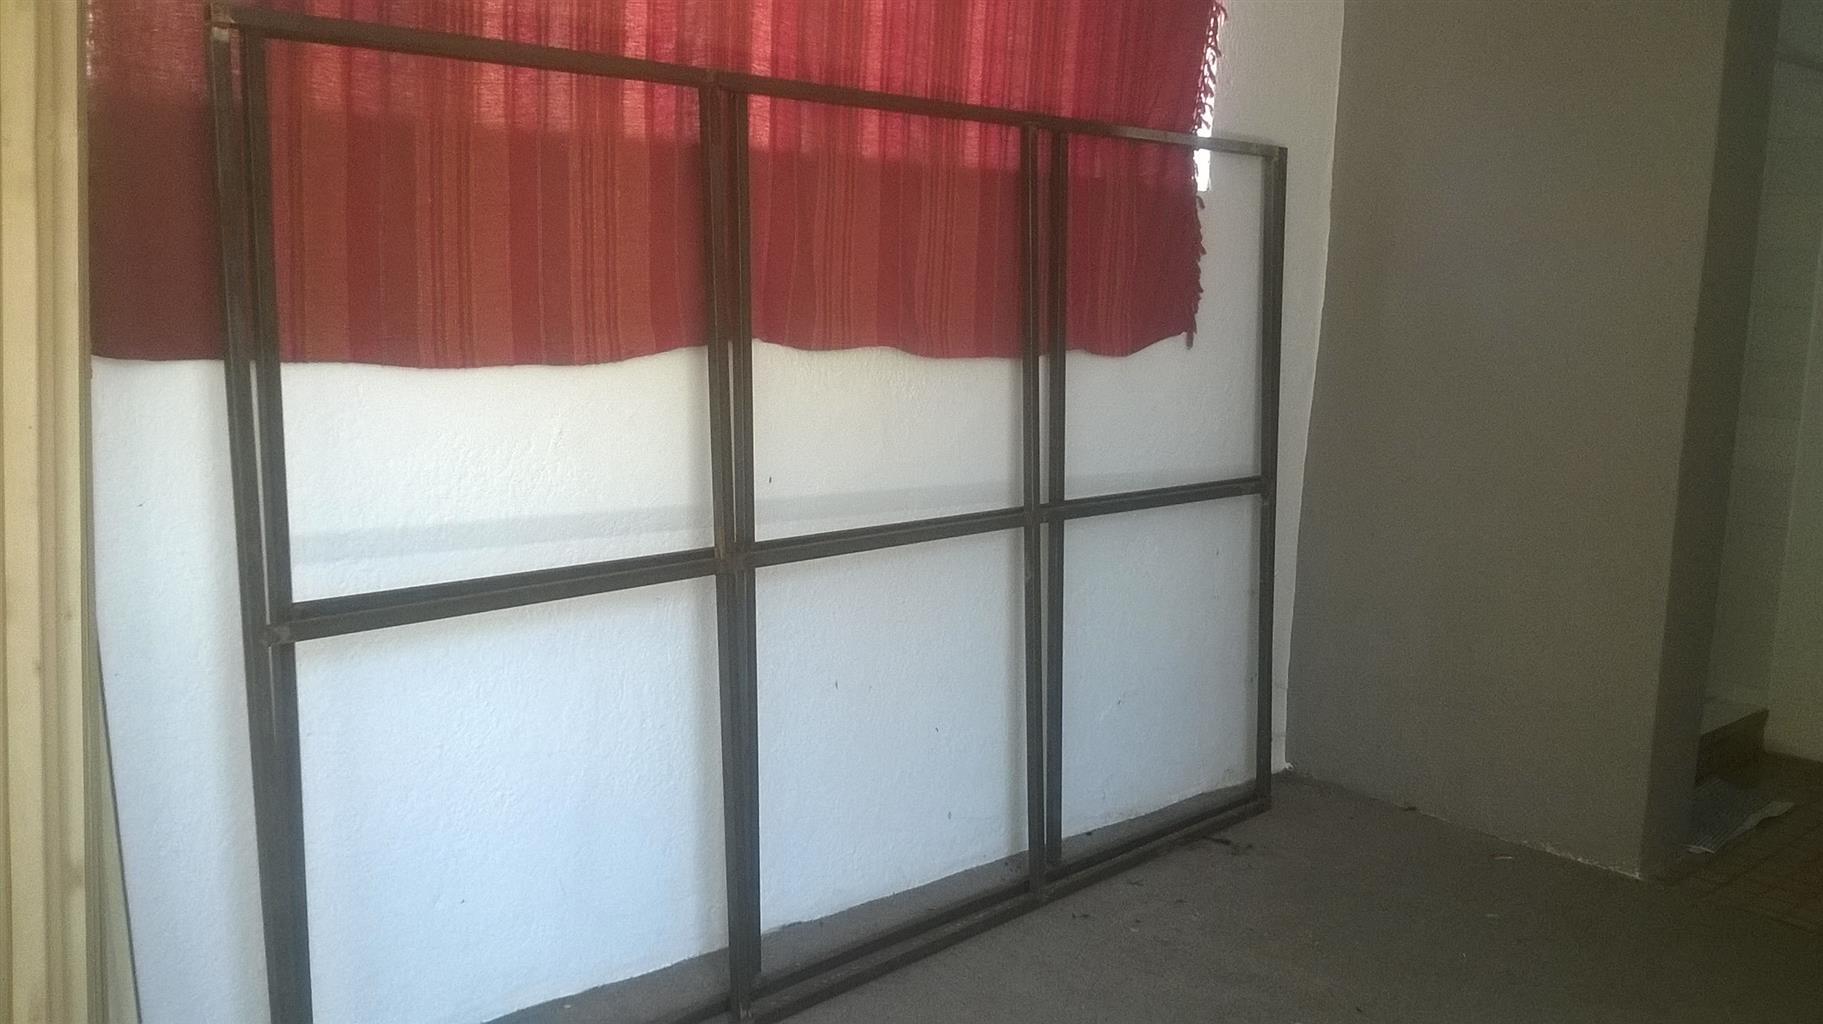 2 x gate / fence frames - 1.6m x 2.5m